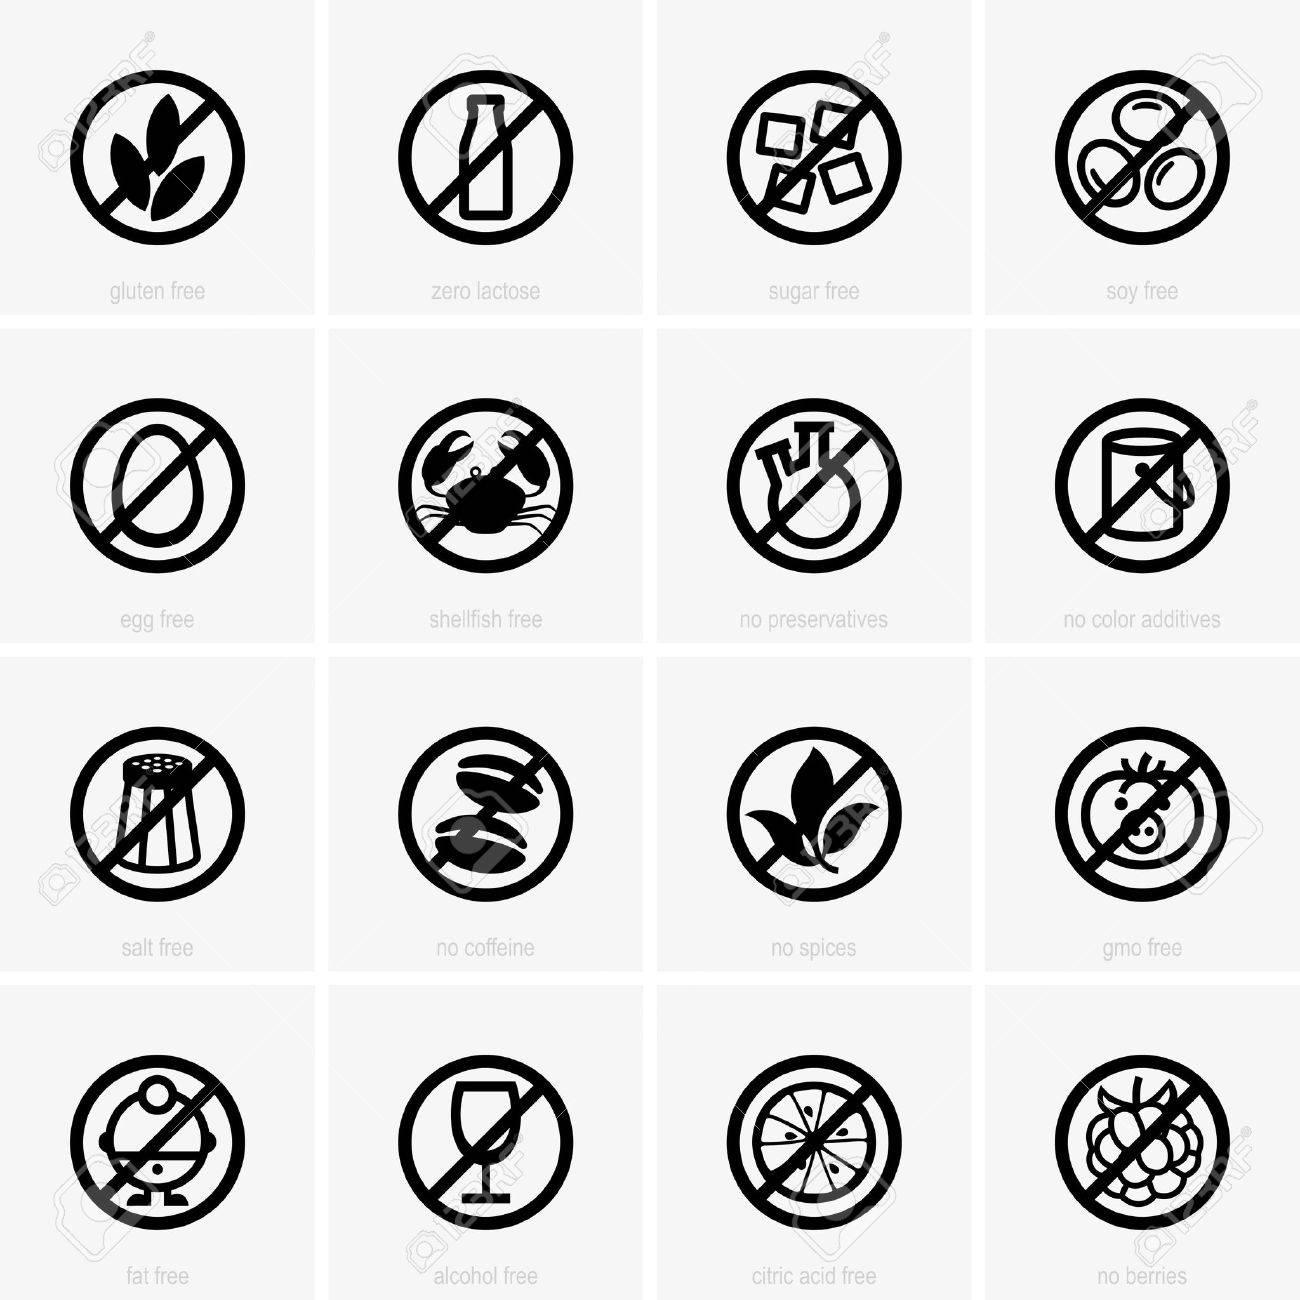 Allergen free icons - 33135934